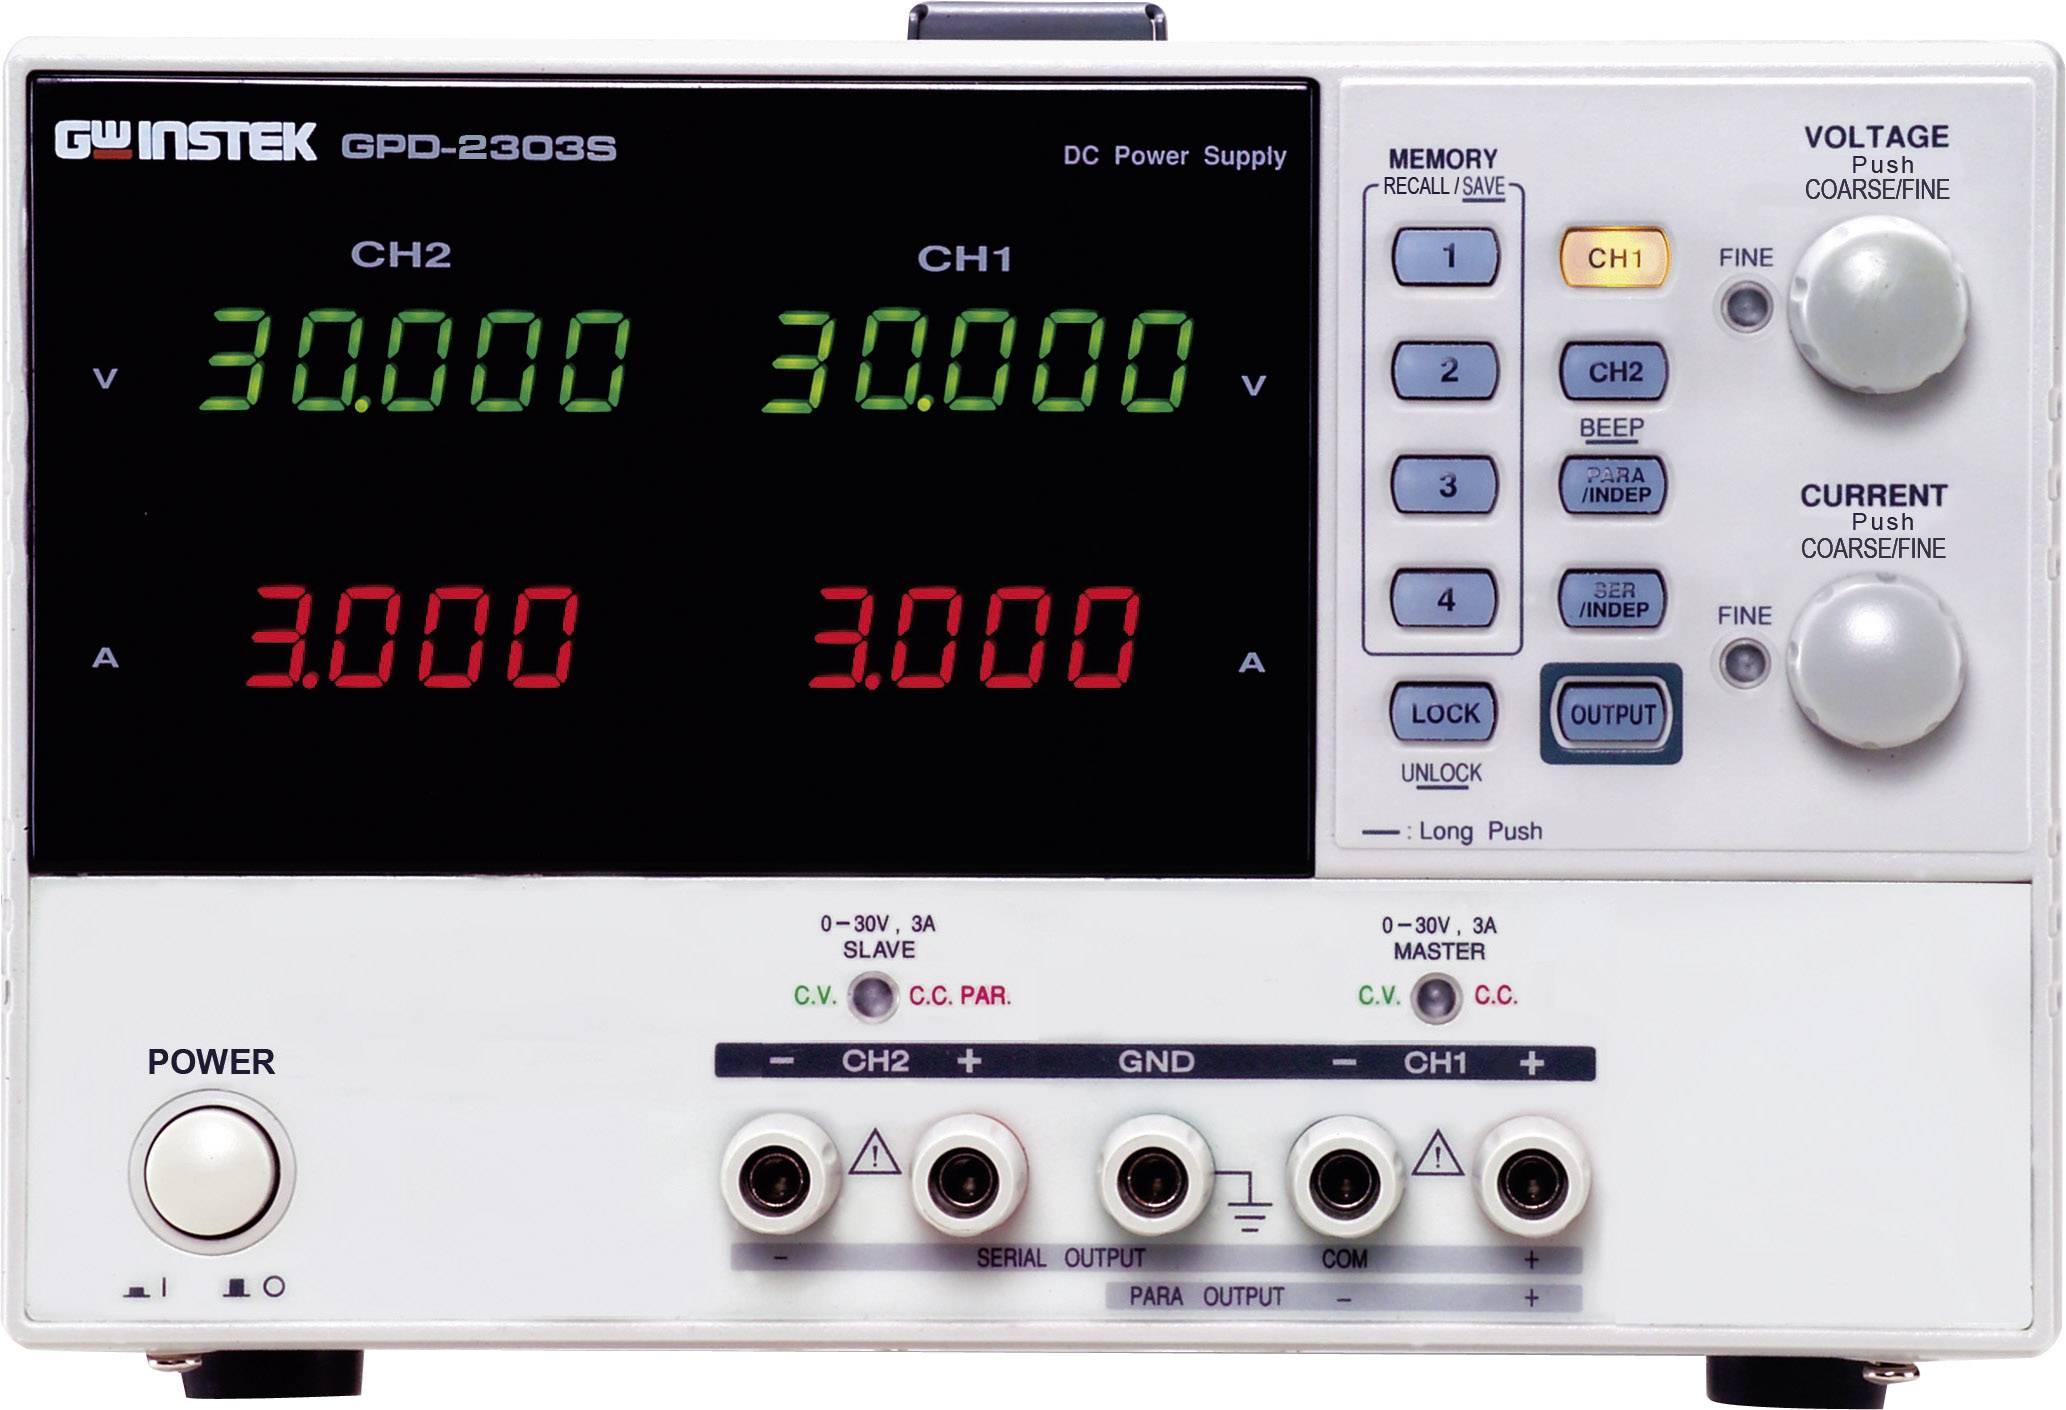 Laboratórny sieťový zdroj GW Instek GPD-2303S, 0 - 30 V/DC, 0 - 3 A, 180 W, 2x USB výstup